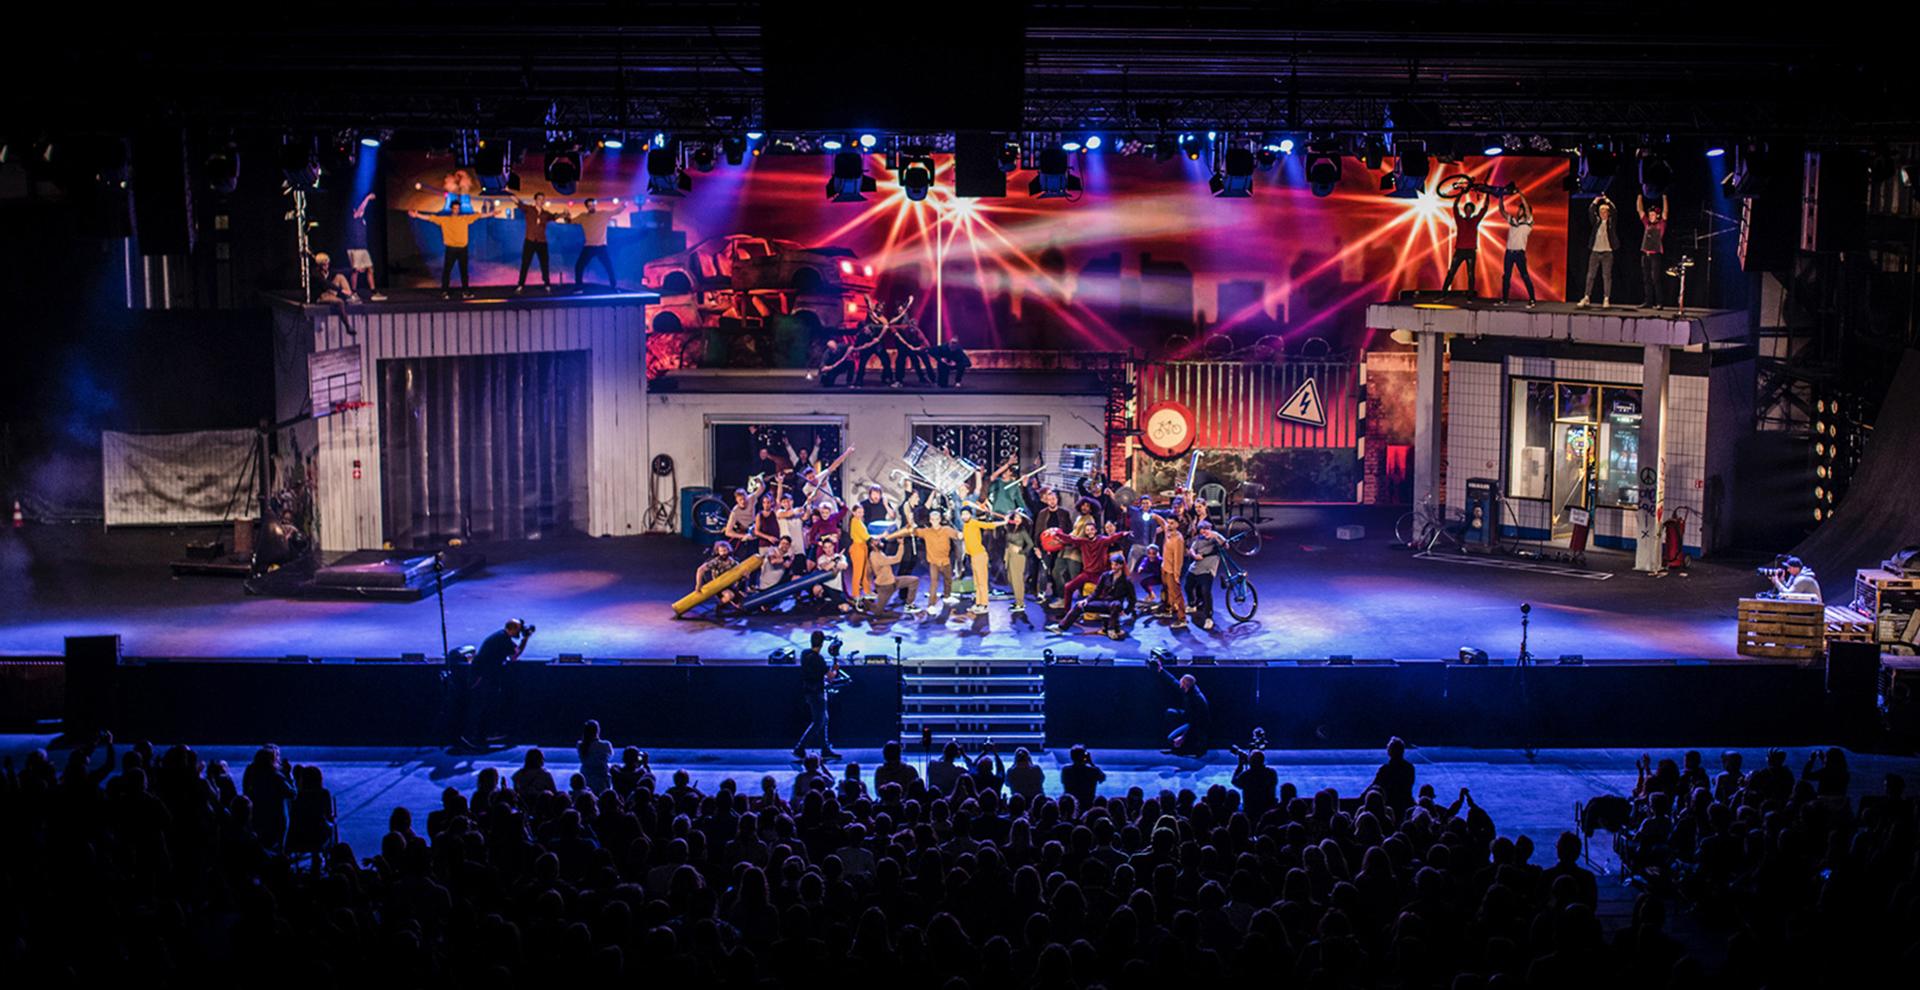 URBANATIX Show 2018 - ROAD TRIP – AGENTUR DACAPO